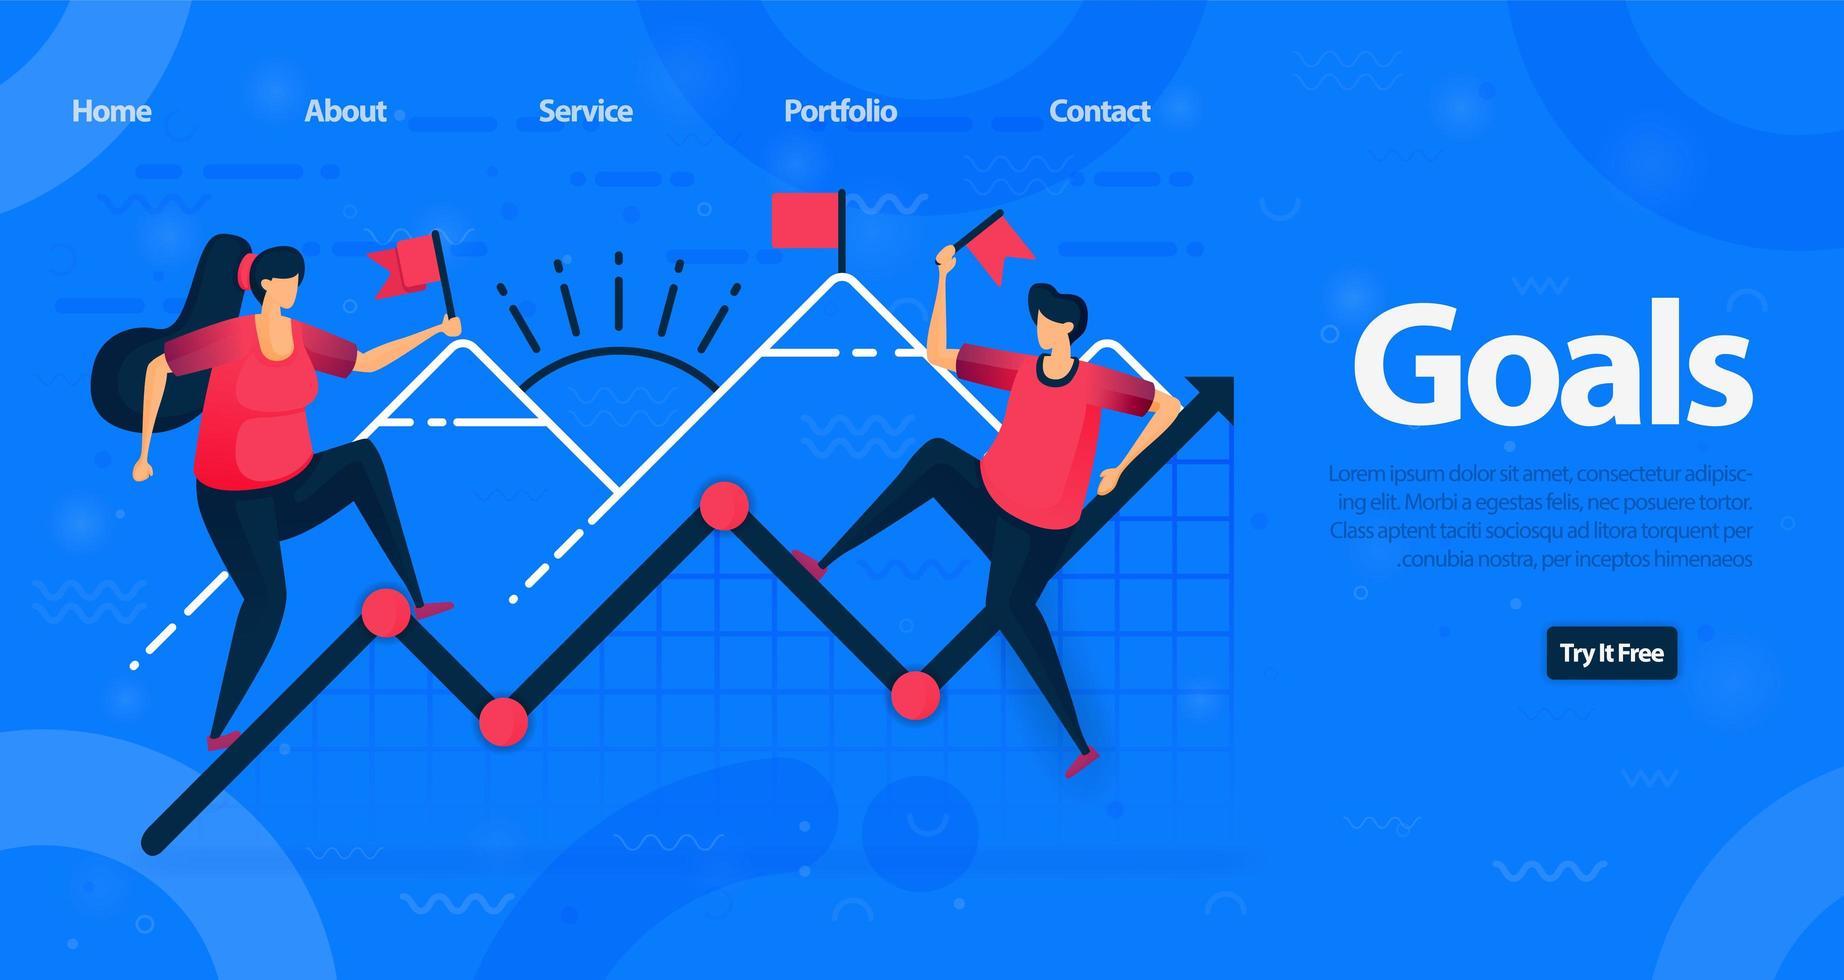 webbplats och målsidesmall för företag. motivation att uppnå högre mål och uppnå en diagramökning i företagsfinansiering. vektorillustration för webb, målsida, banner, mobilappar vektor